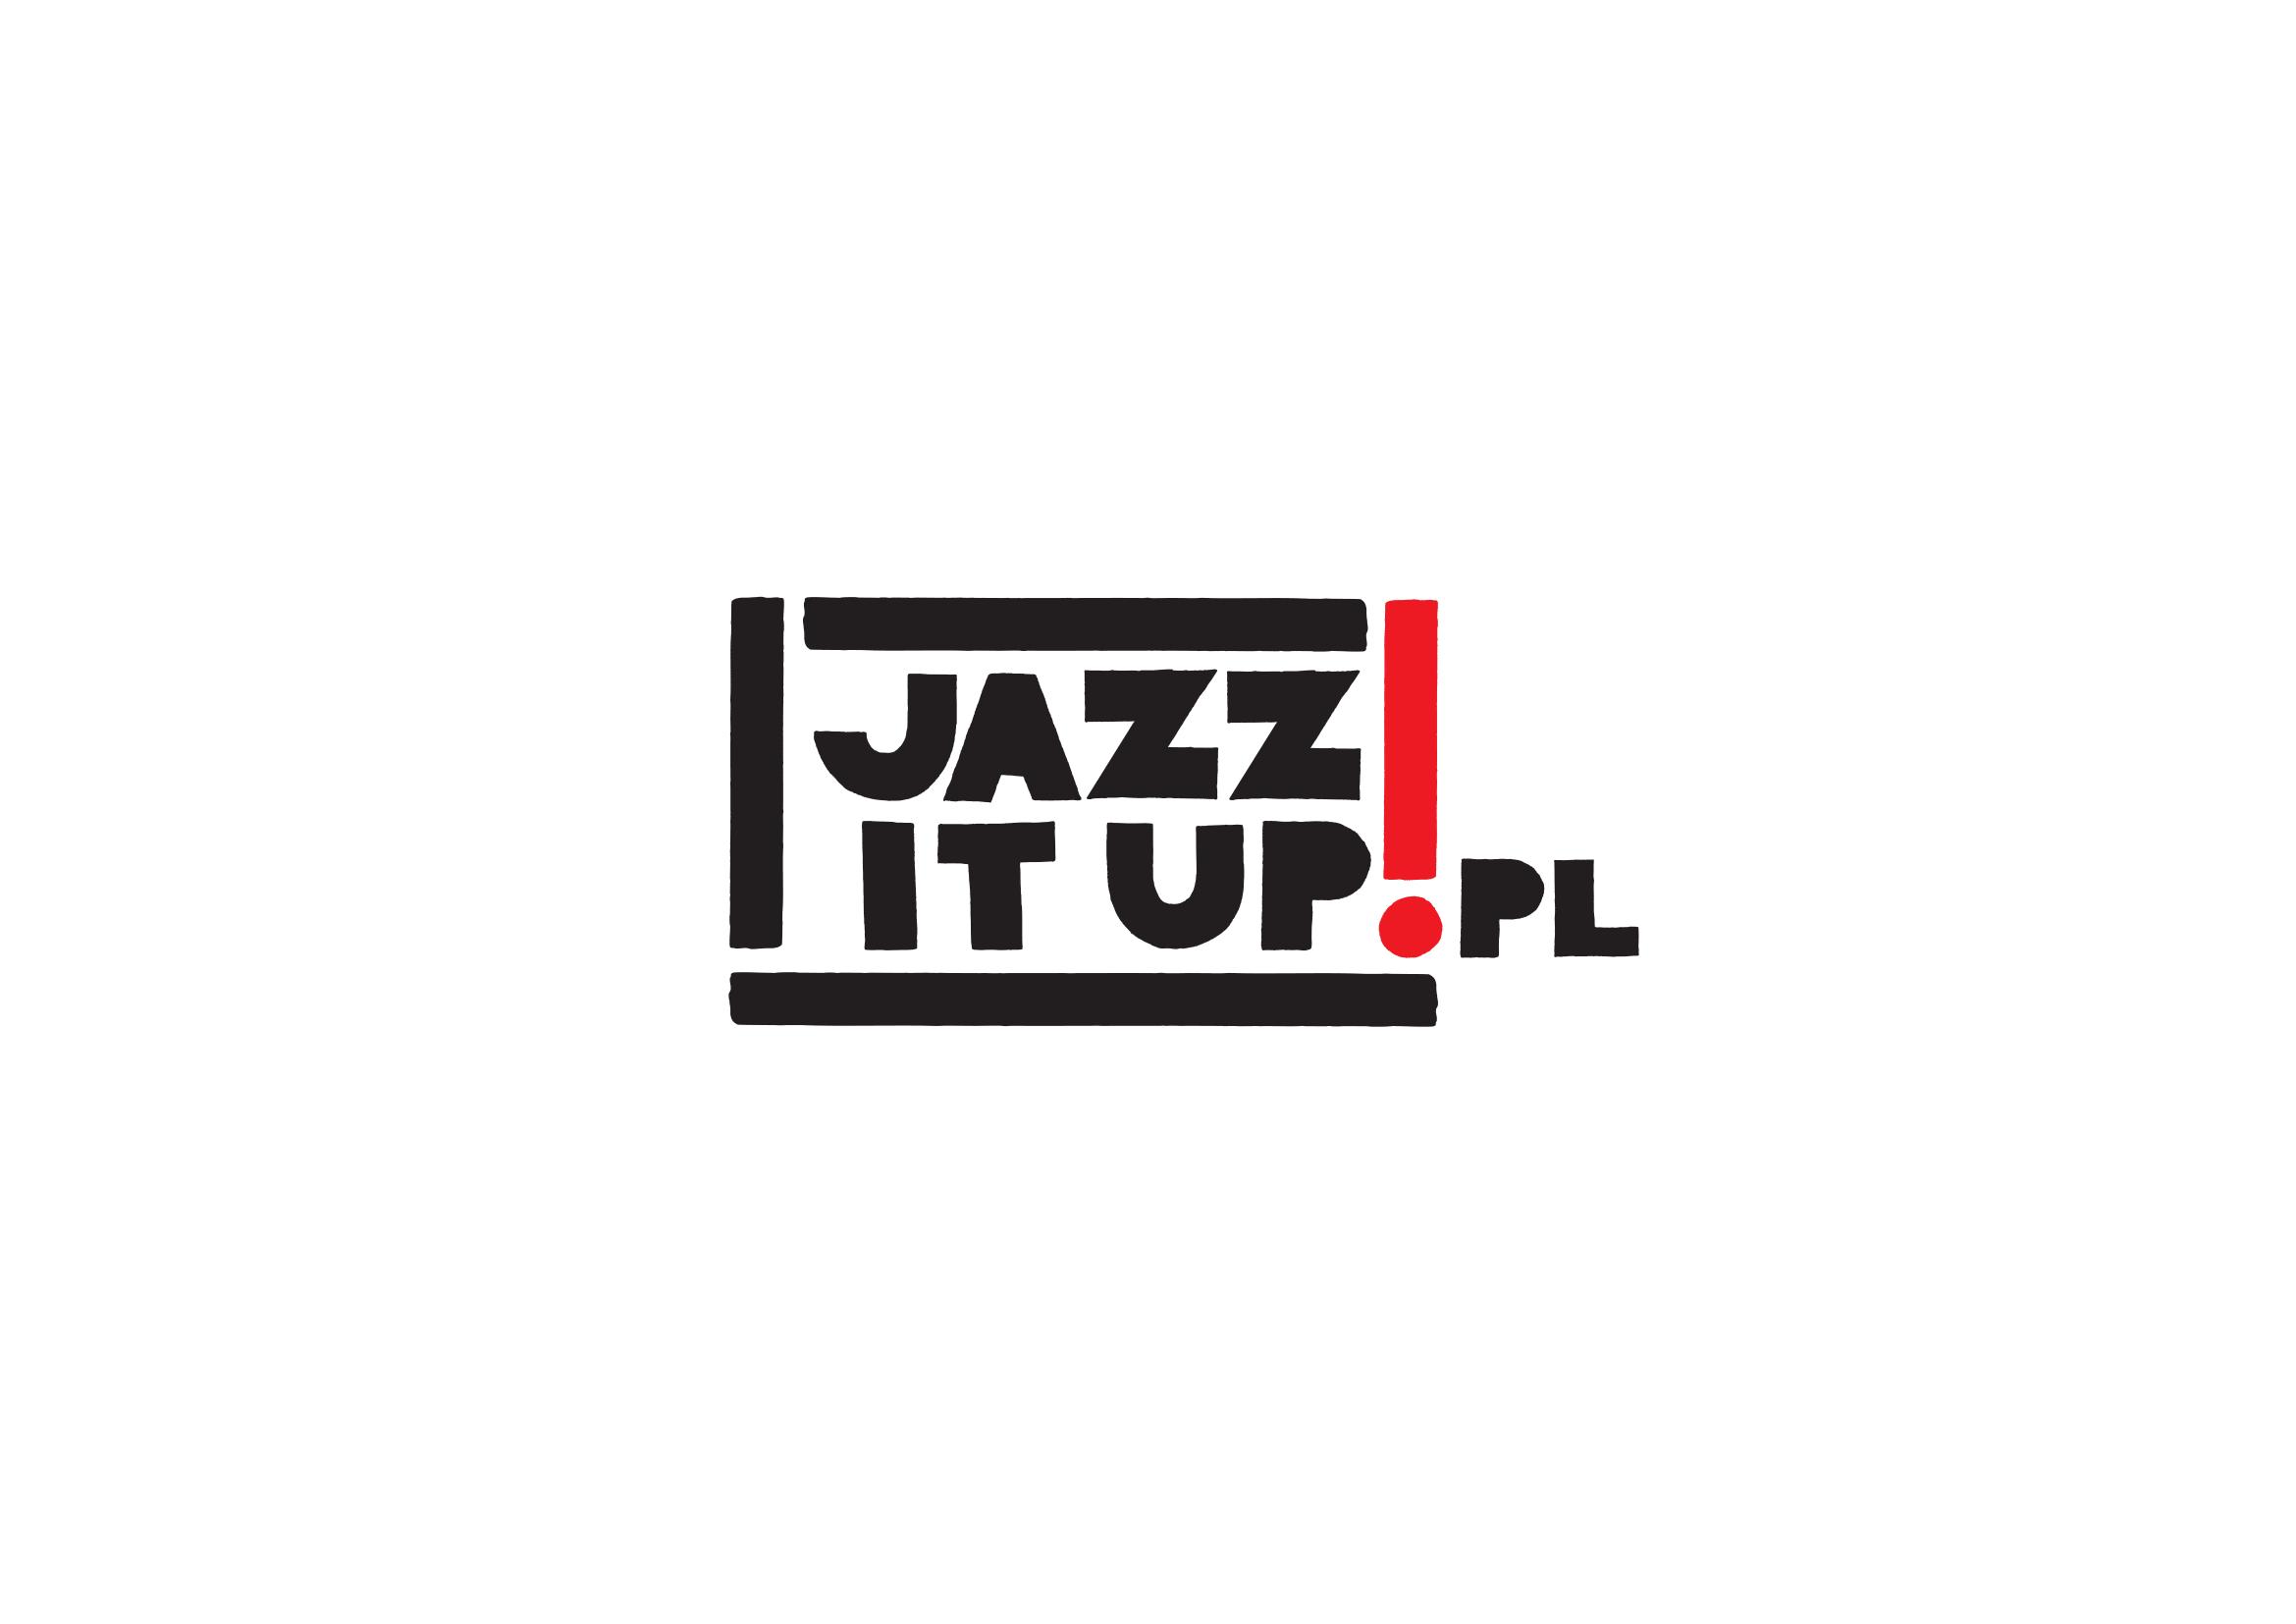 logo_jazzitup-1